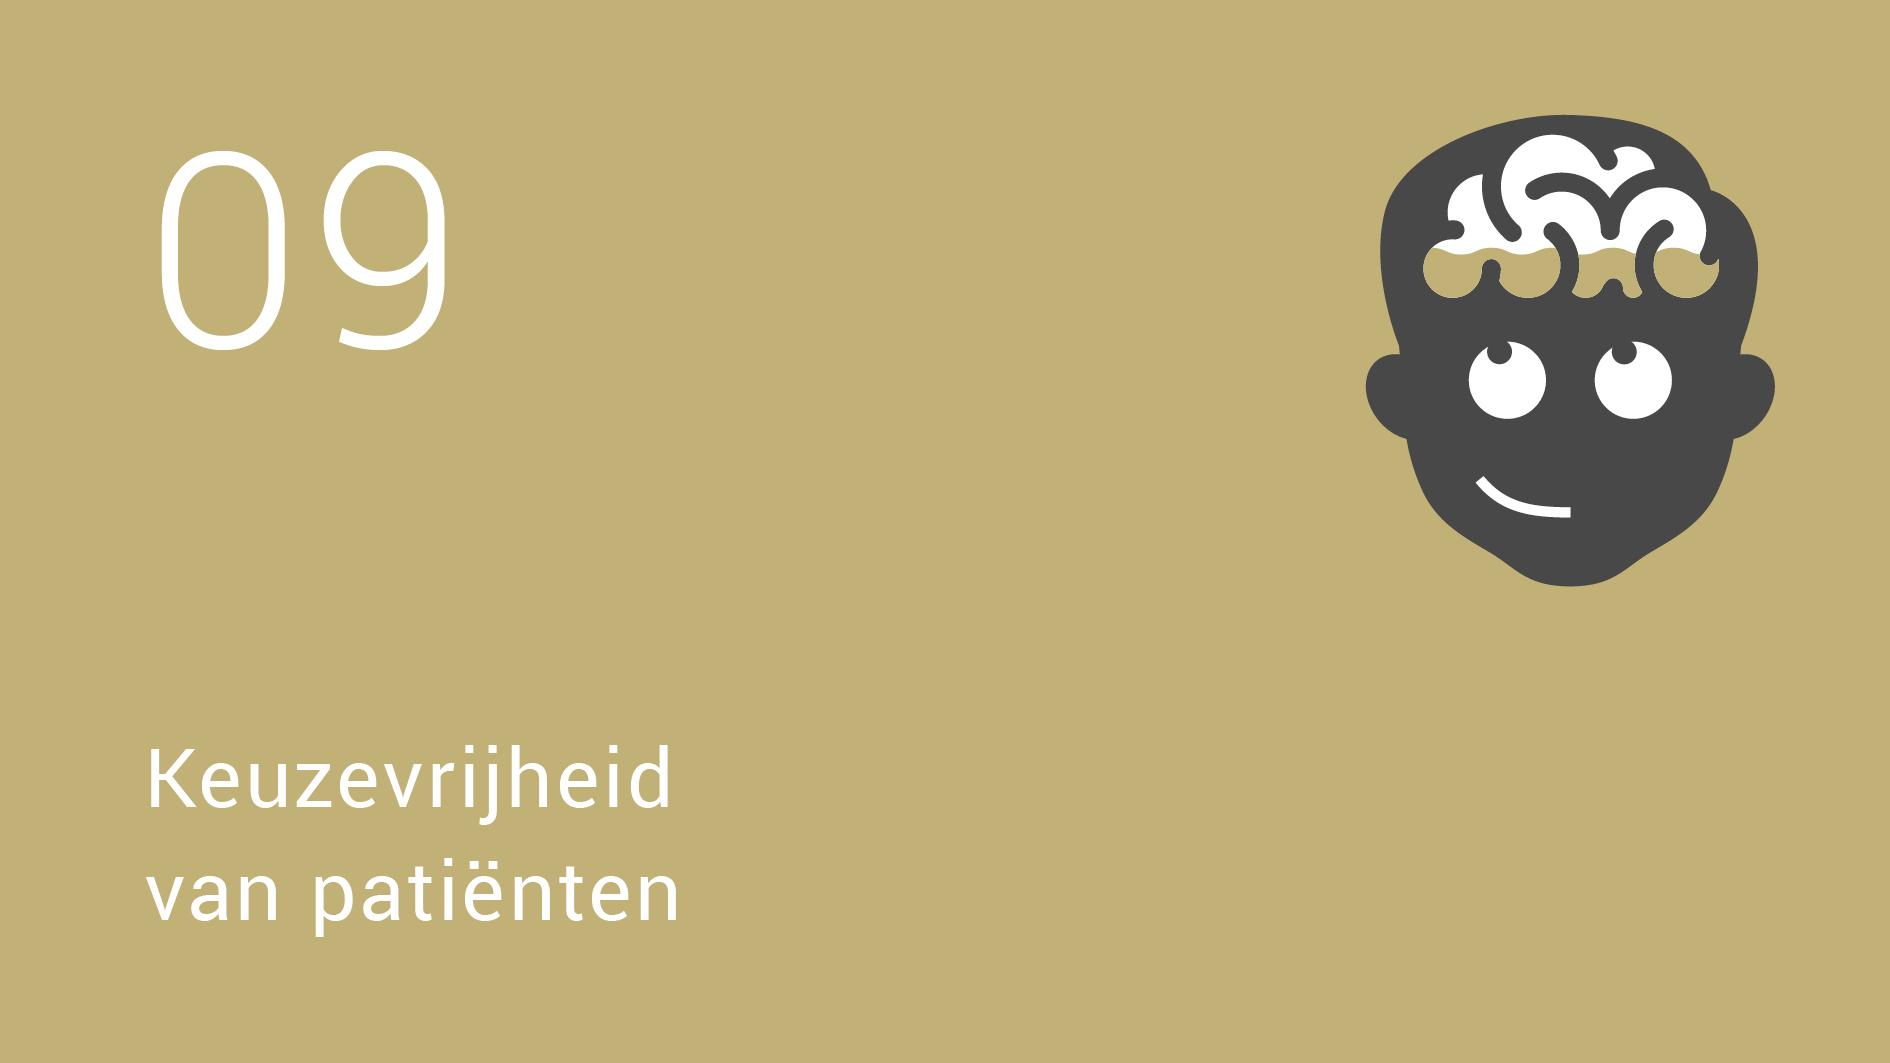 Erik-Jan Vlieger | Het brein van de nieuwe dokter | 9 Keuzevrijheid  van patiënten